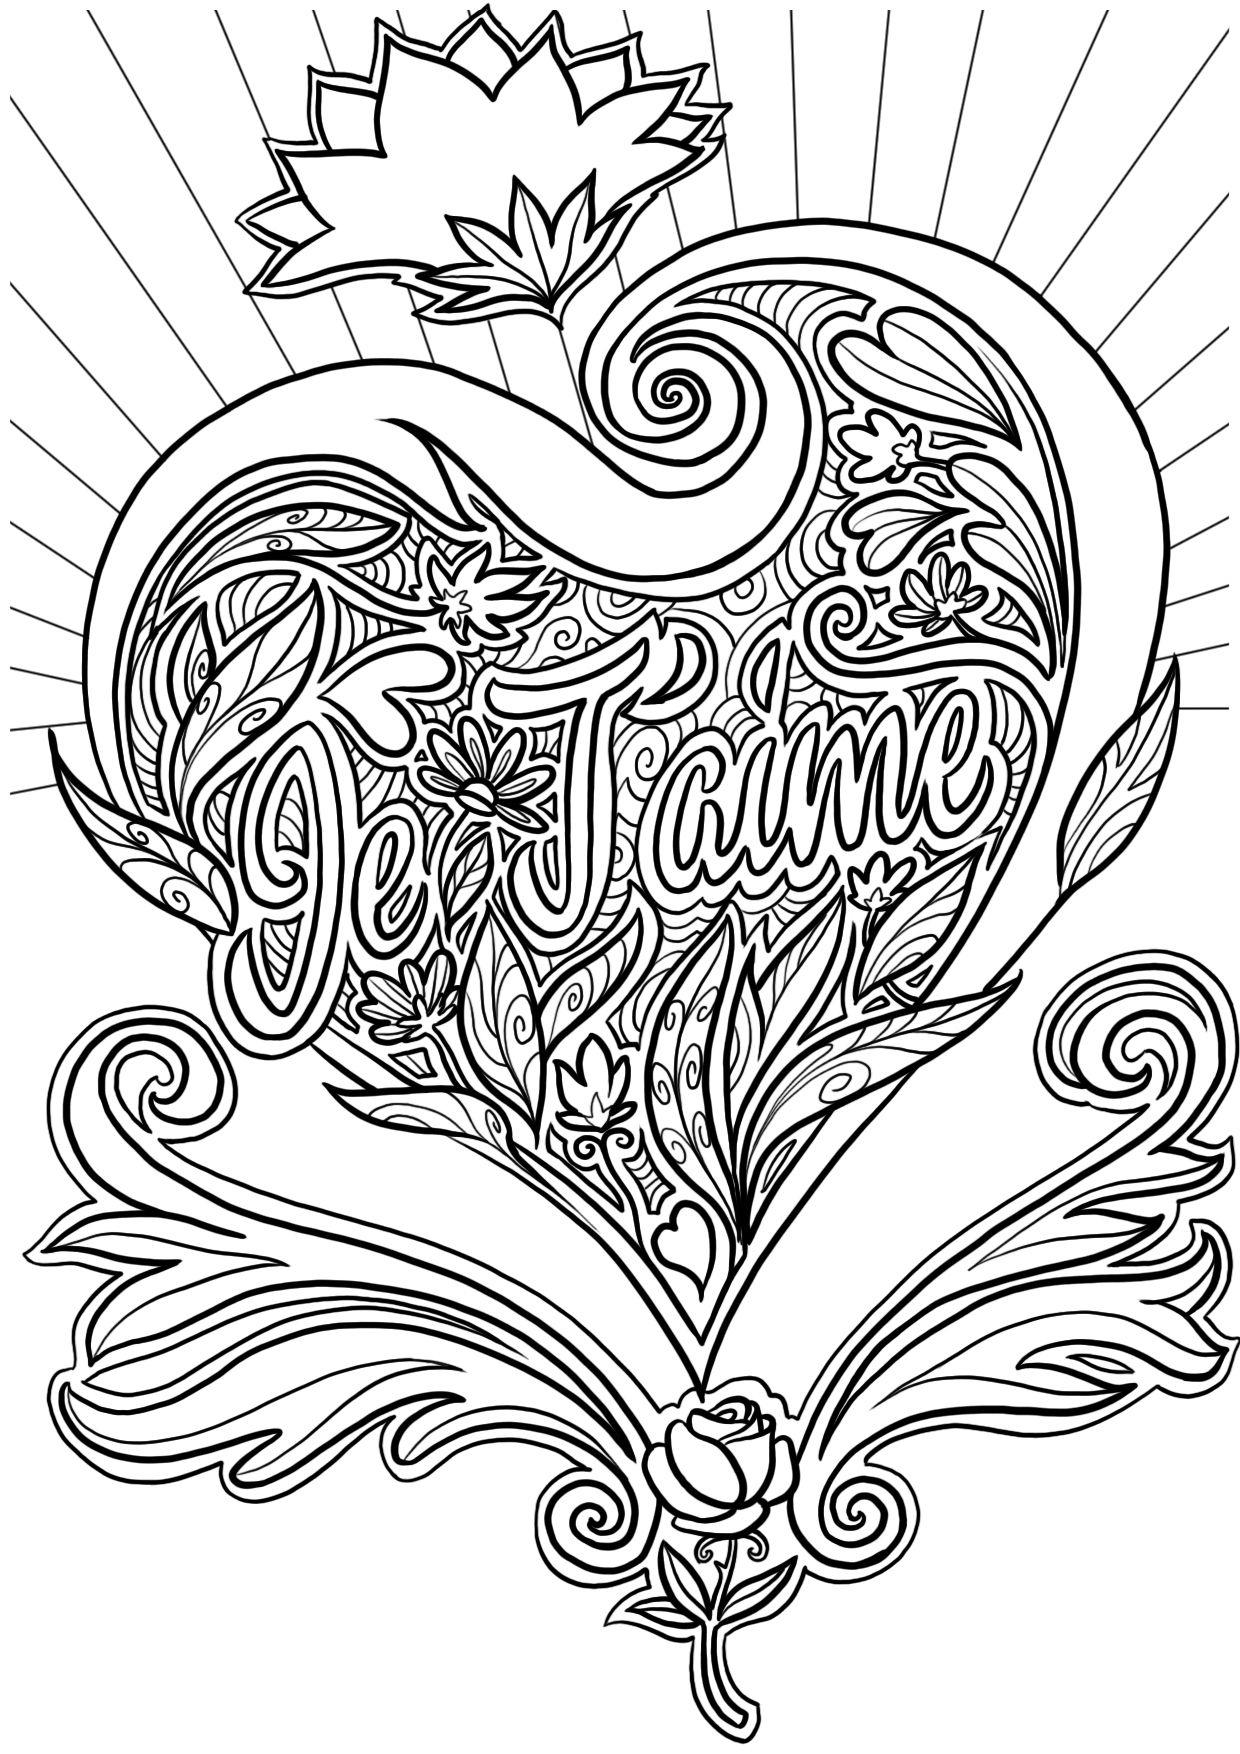 Coloriage De La Saint-Valentin | Coloriage Coeur intérieur Dessin A Imprimer Coeur